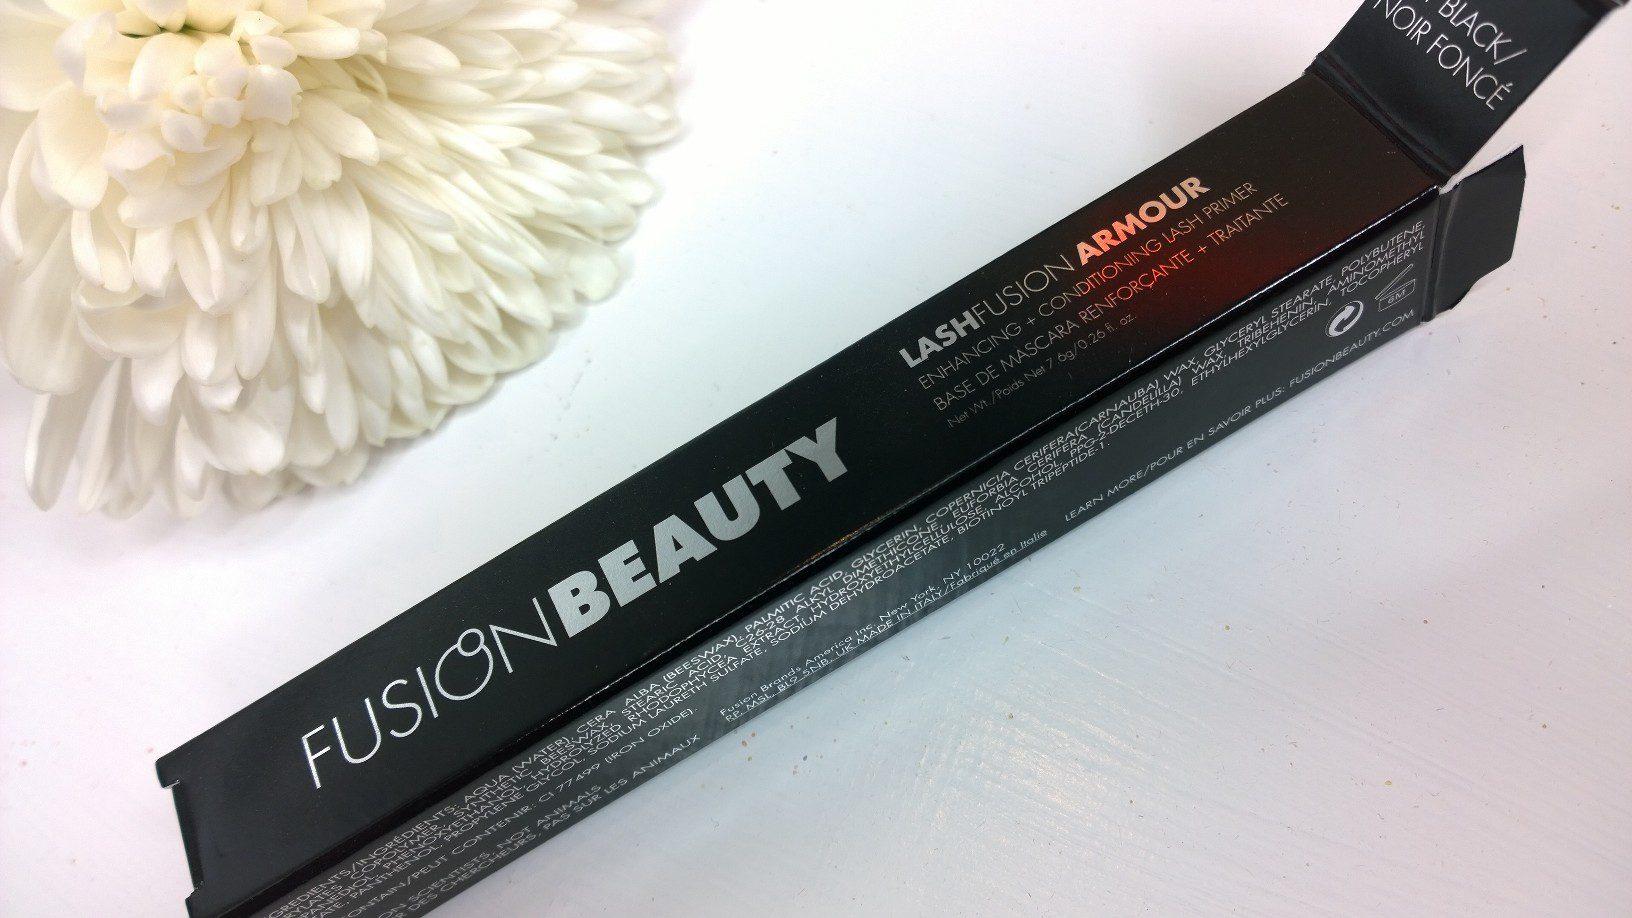 acifall16 fusion beauty